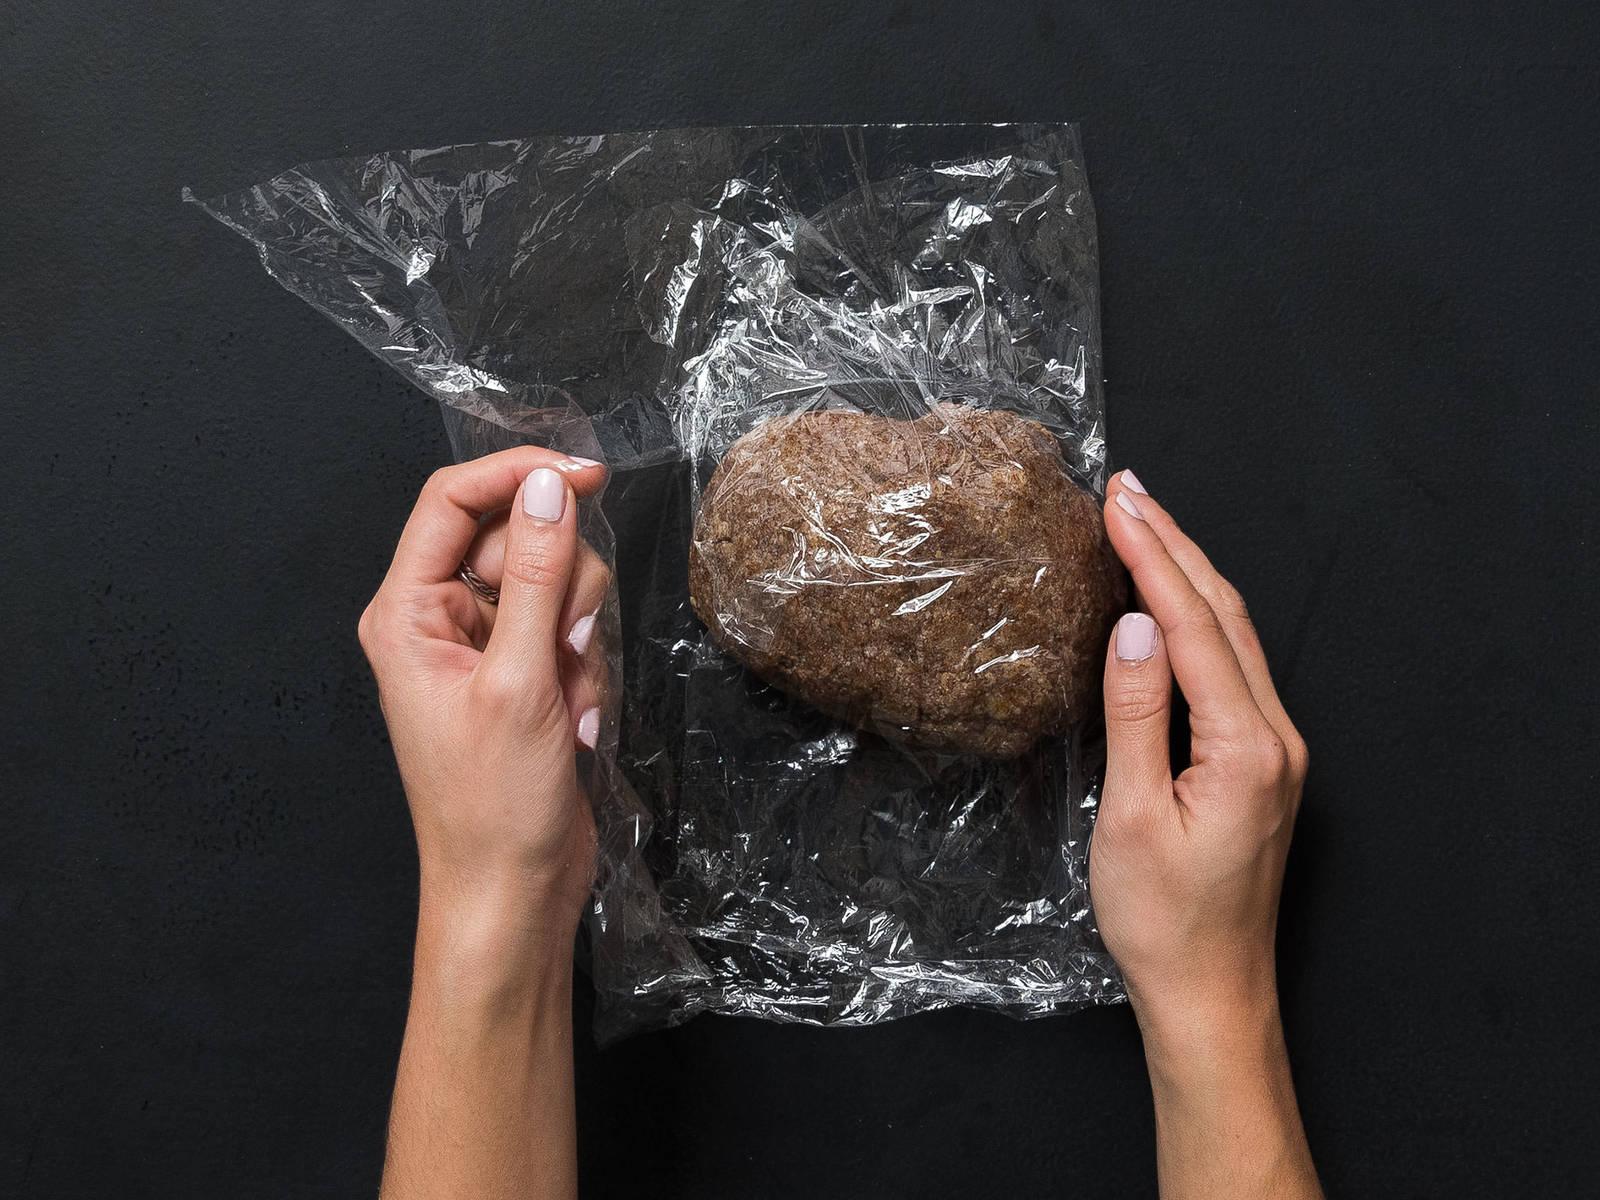 Die Zucker-Mischung vom Herd nehmen und in eine große Schüssel mit den gemahlenen Mandeln geben. Das geschlagene Eiweiß vorsichtig unterheben. Puderzucker nach und nach dazugeben und vermengen bis sich ein Teig formt. Den Teig in Frischhaltefolie wickeln und ca. 2 Stunden im Kühlschrank ruhen lassen.